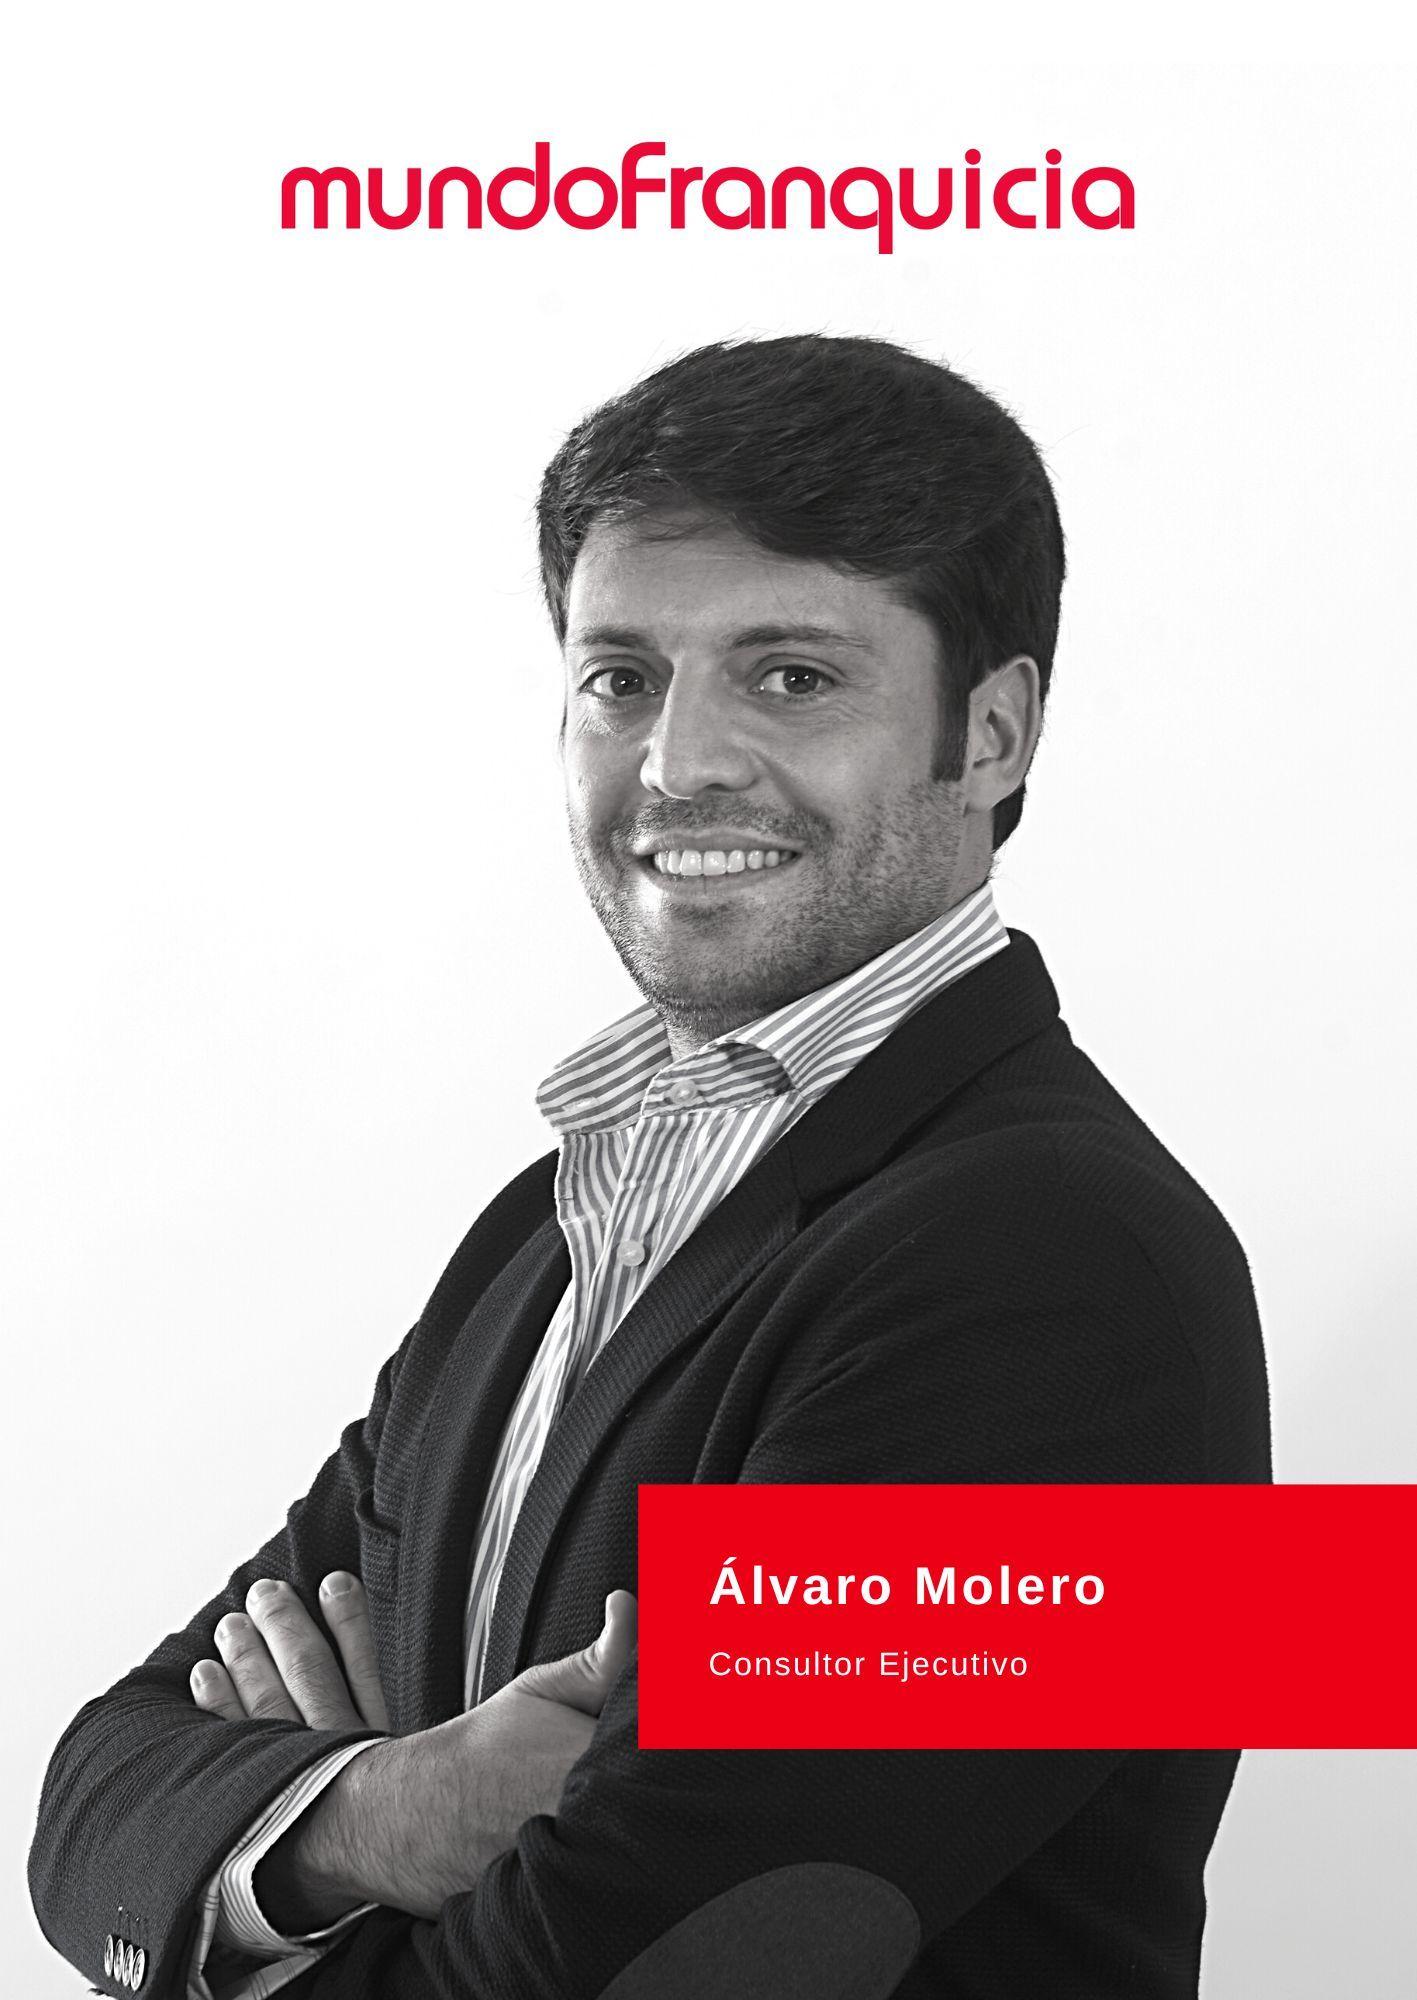 Álvaro Molero